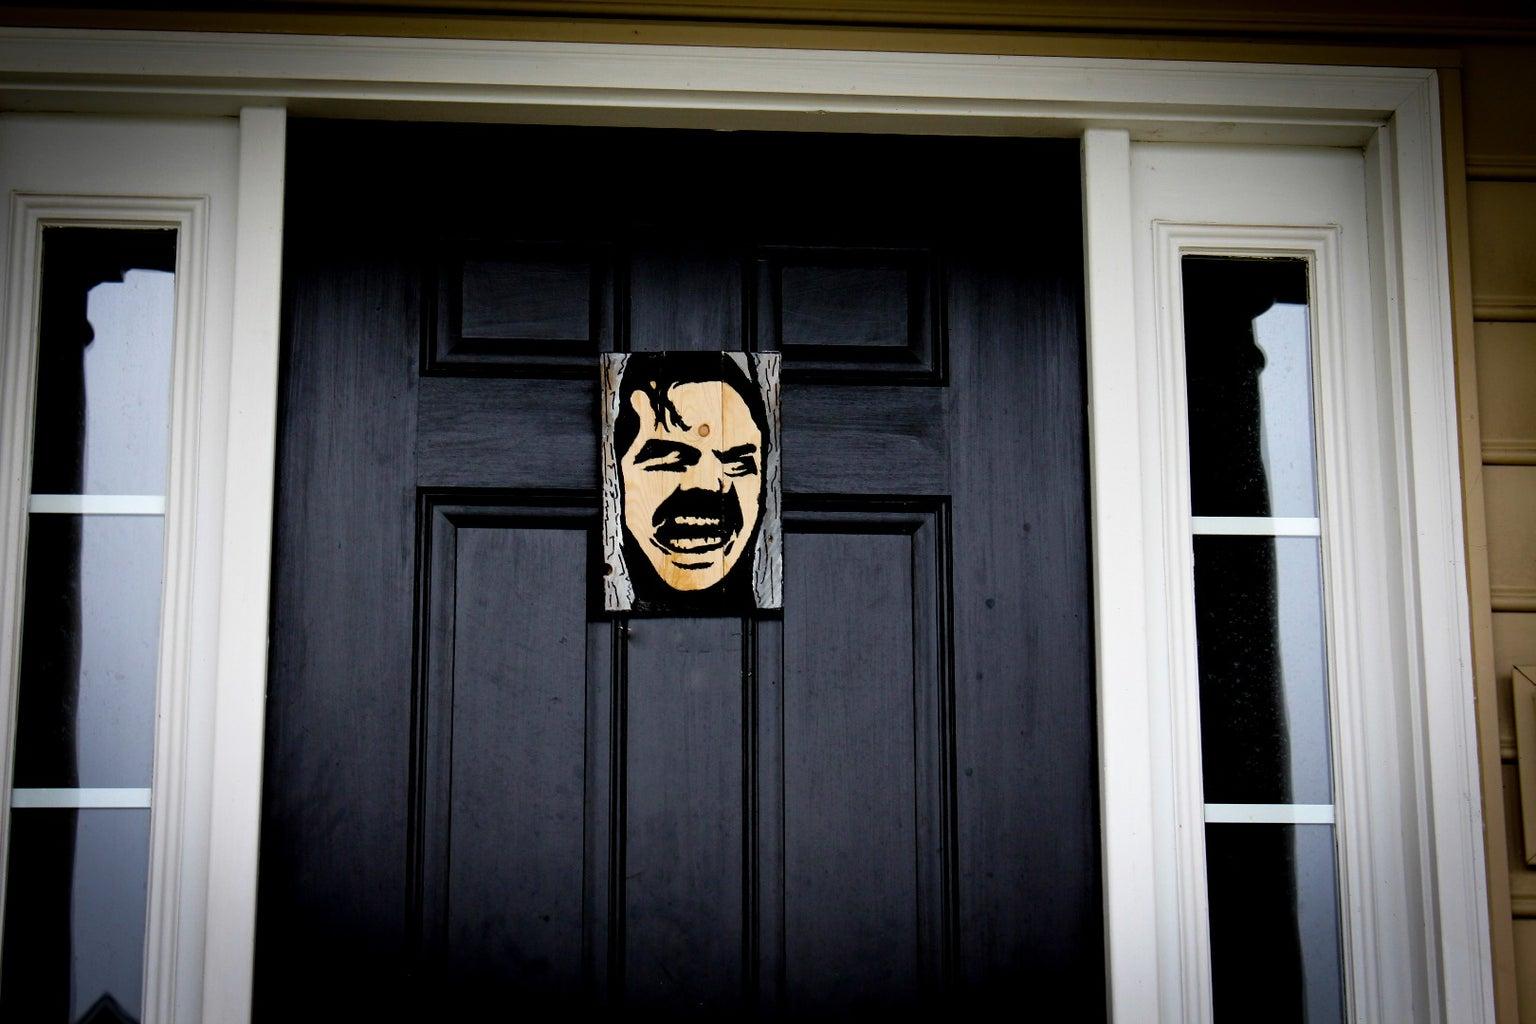 Add Jack to the Door